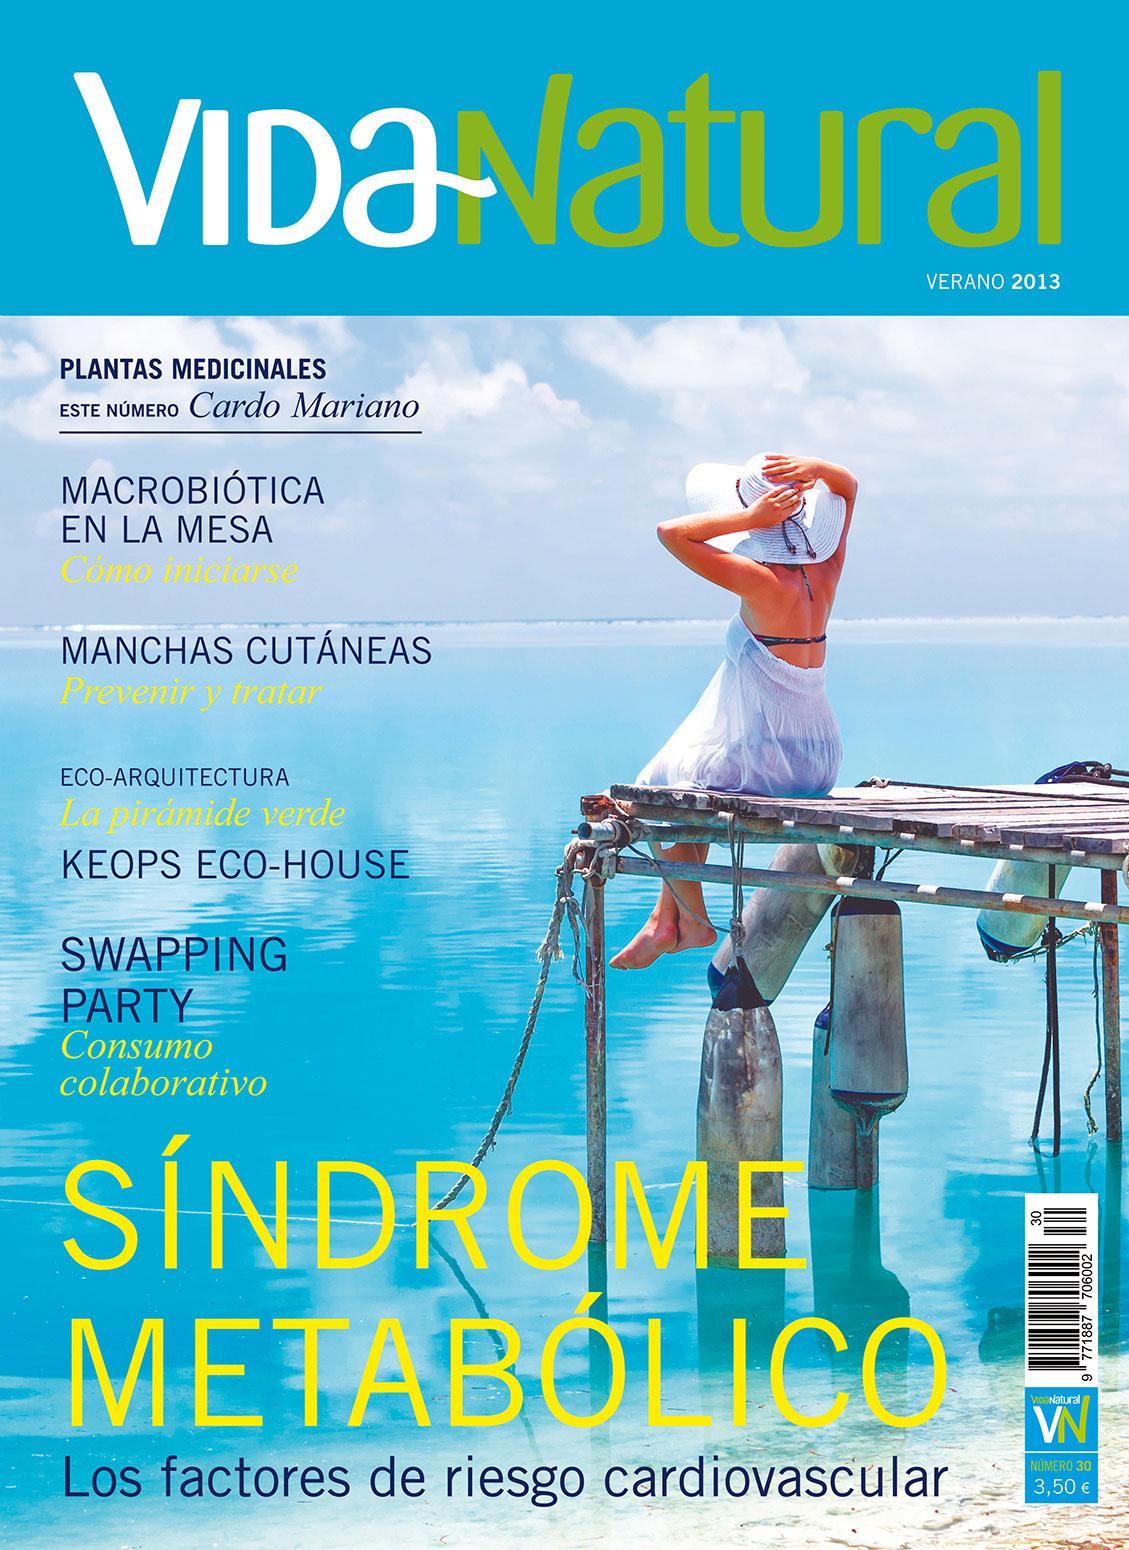 Revista Vida Natural nº 30